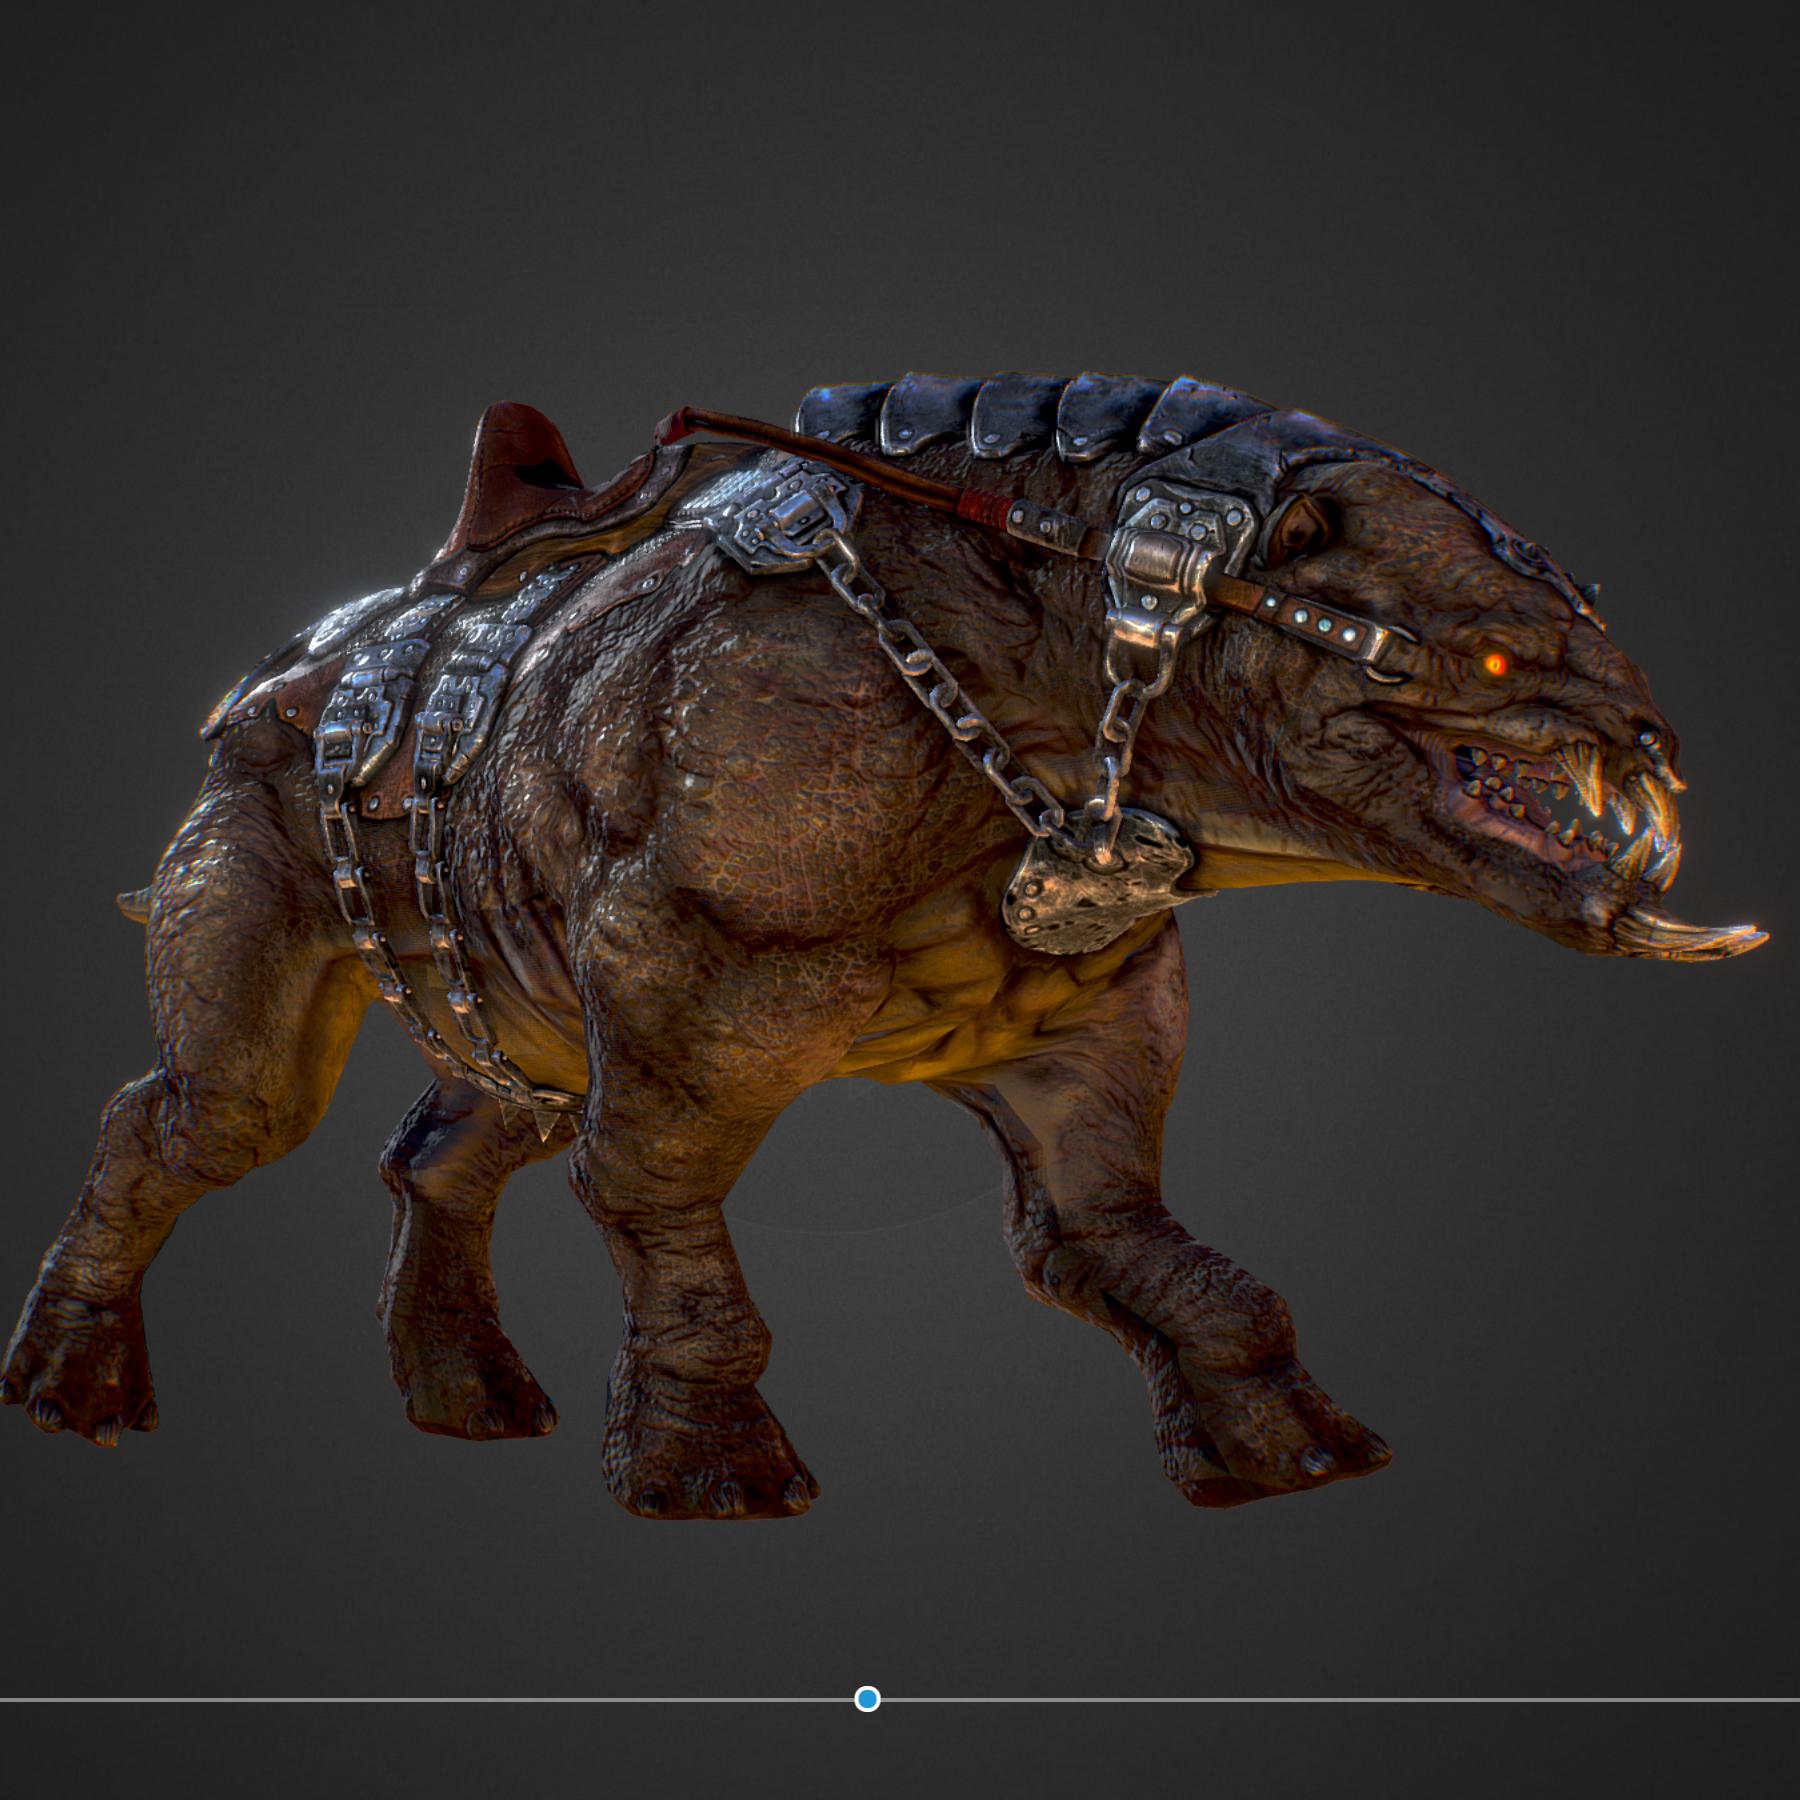 creature mount mastodont 3d model max  fbx ma mb obj 272409